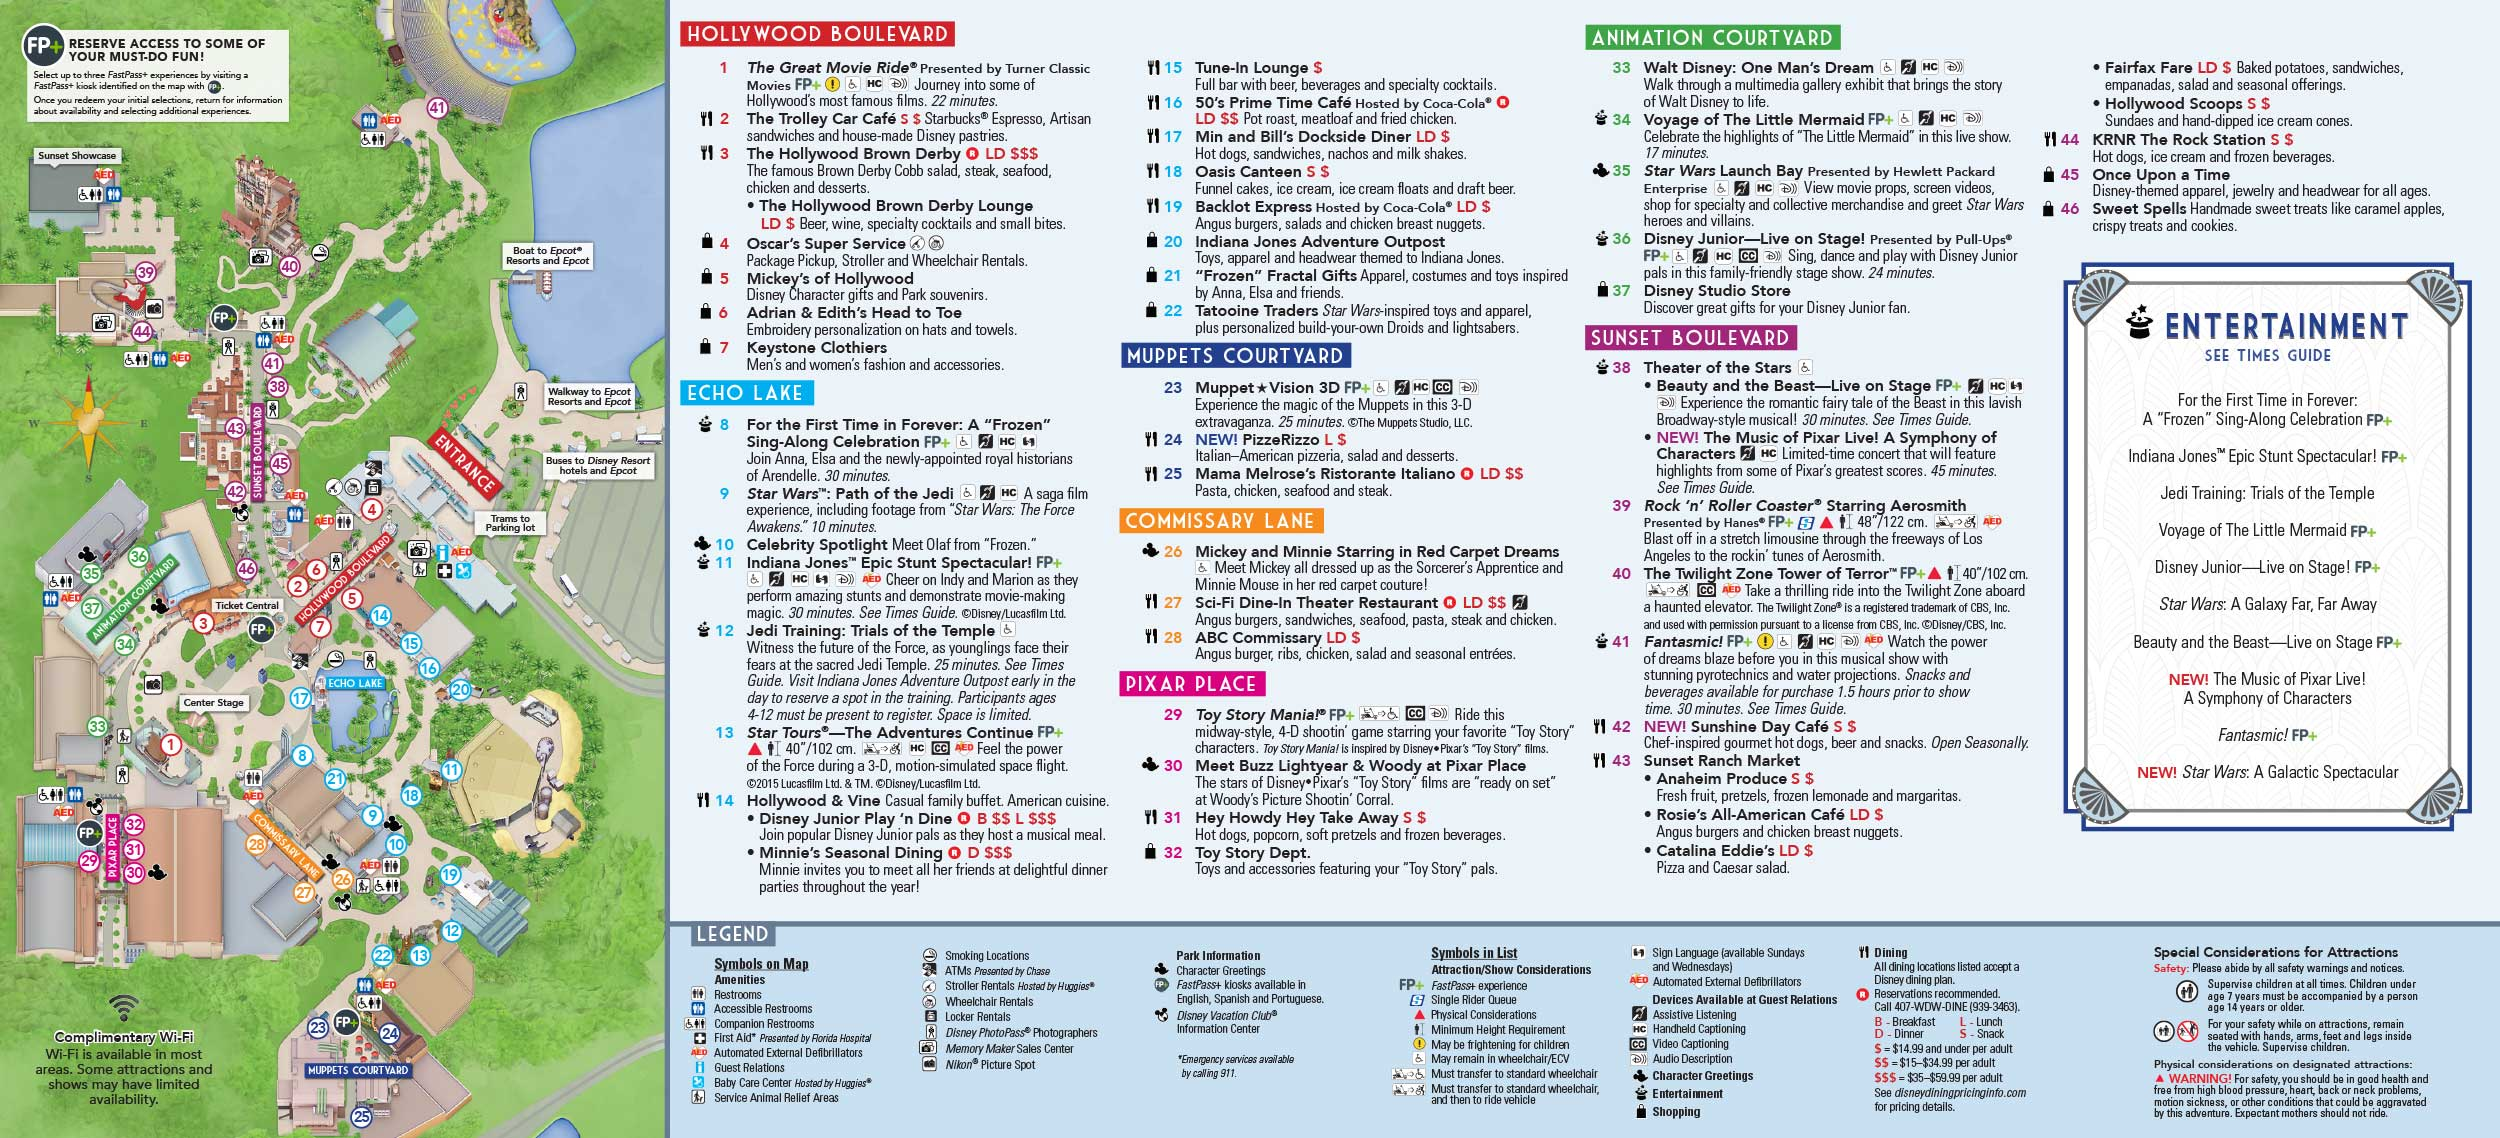 Best 1-day Disney World Tickets | Best Disney + FastP Base Tickets on